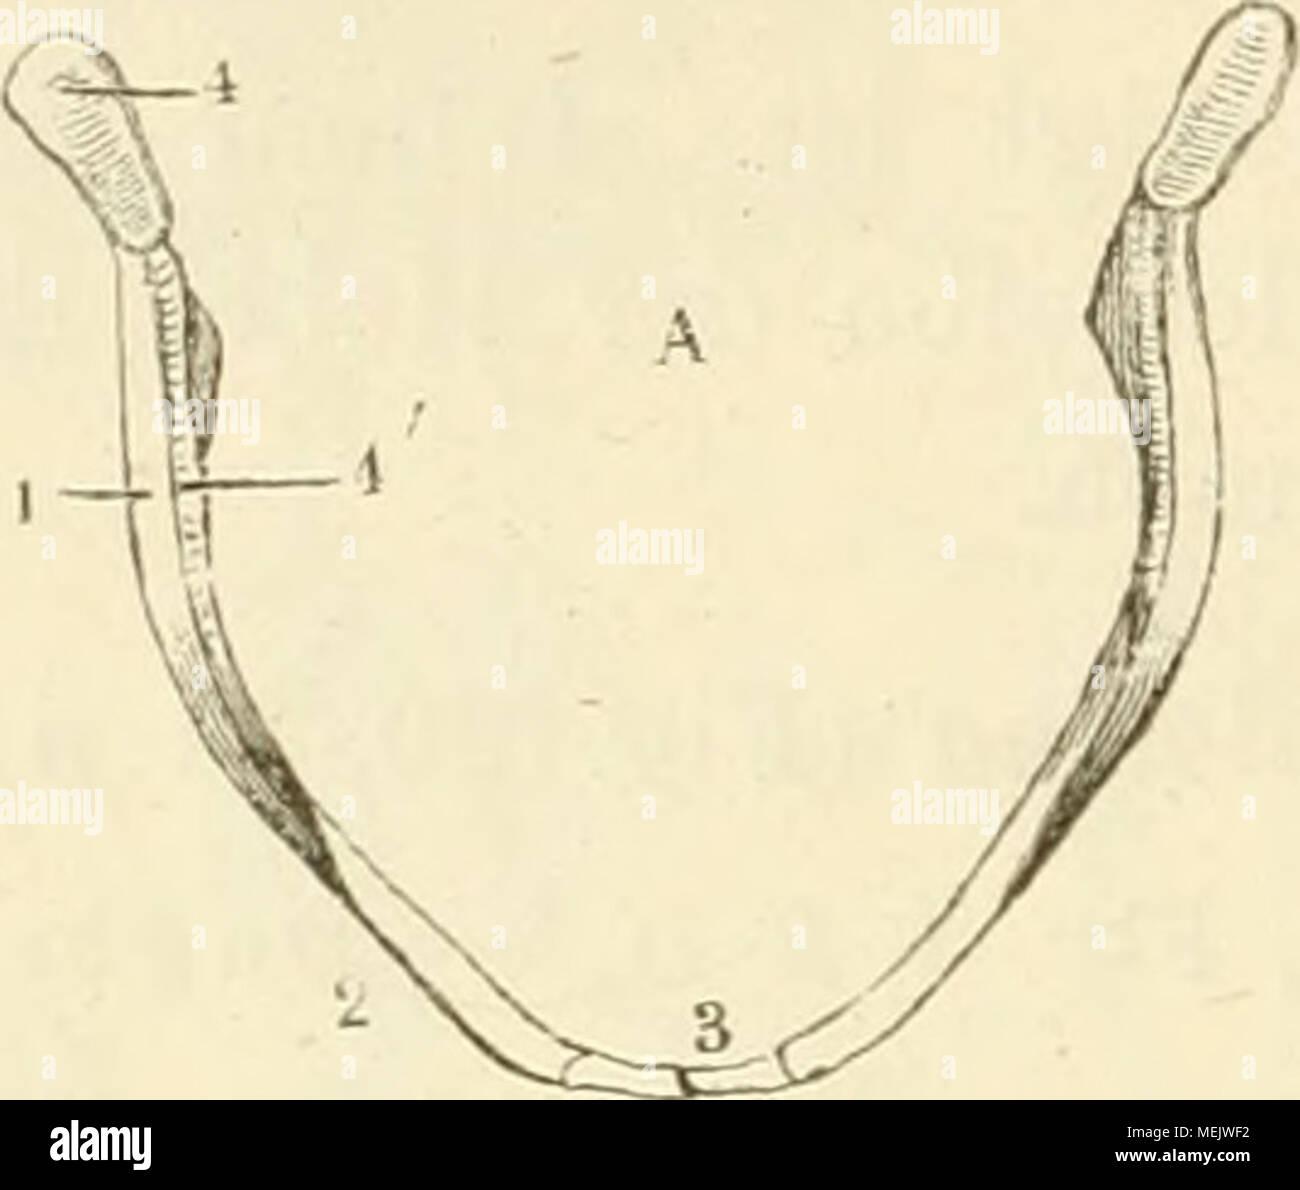 Beste Hesi A2 Anatomie Und Physiologie Praxis Test Bilder ...